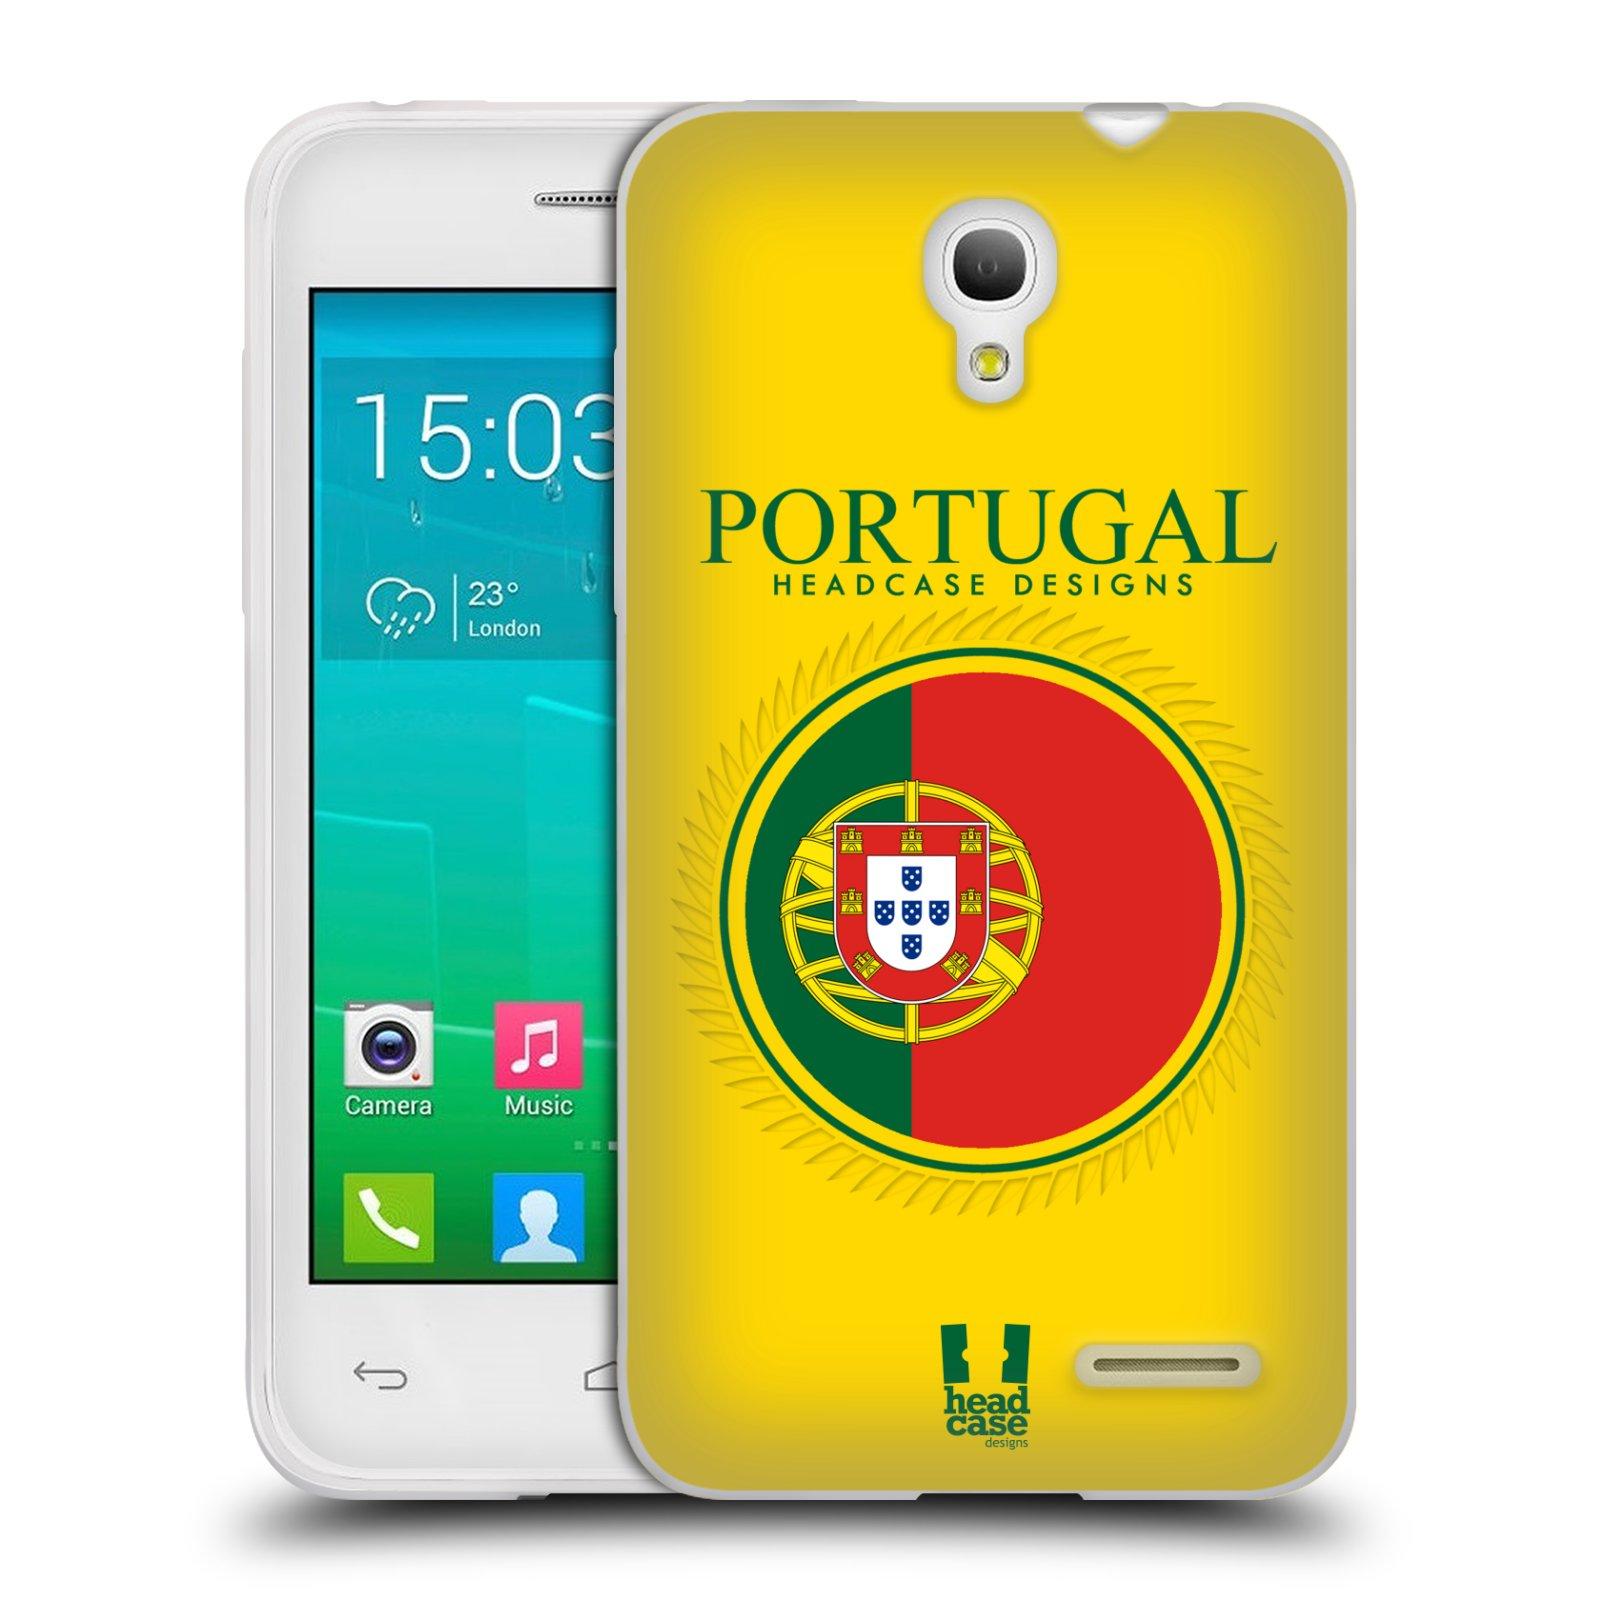 HEAD CASE silikonový obal na mobil Alcatel POP S3 OT-5050Y vzor Vlajky státy 2 PORTUGALSKO